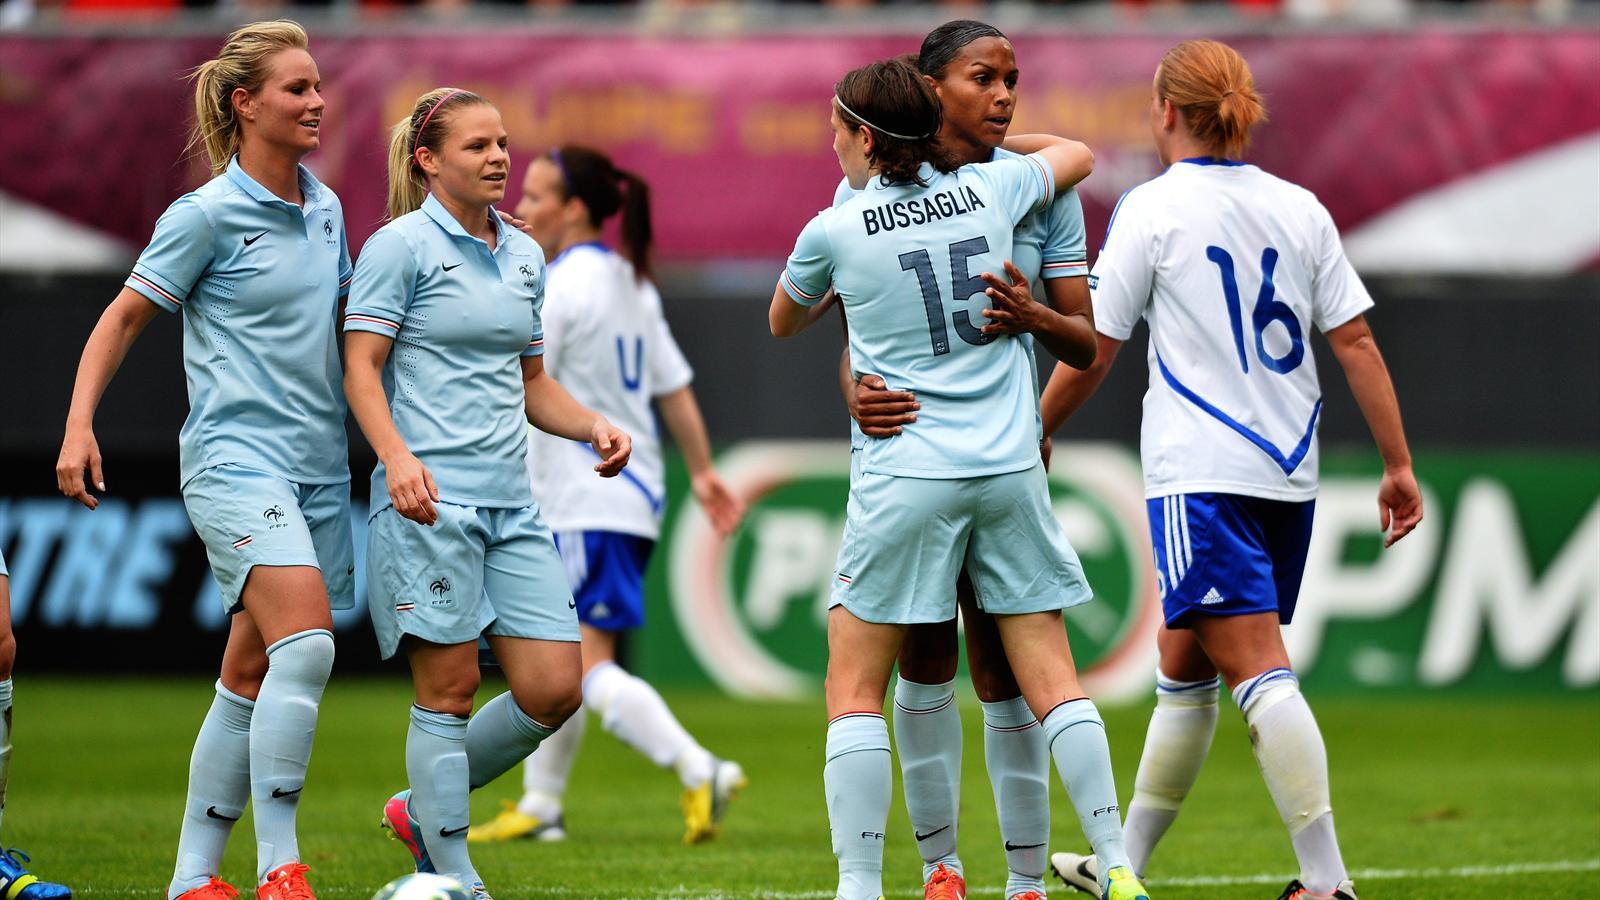 Amical les bleues battent la finlande avec s rieux 3 0 sur la route de l 39 euro football - Coupe d europe de basket feminin ...